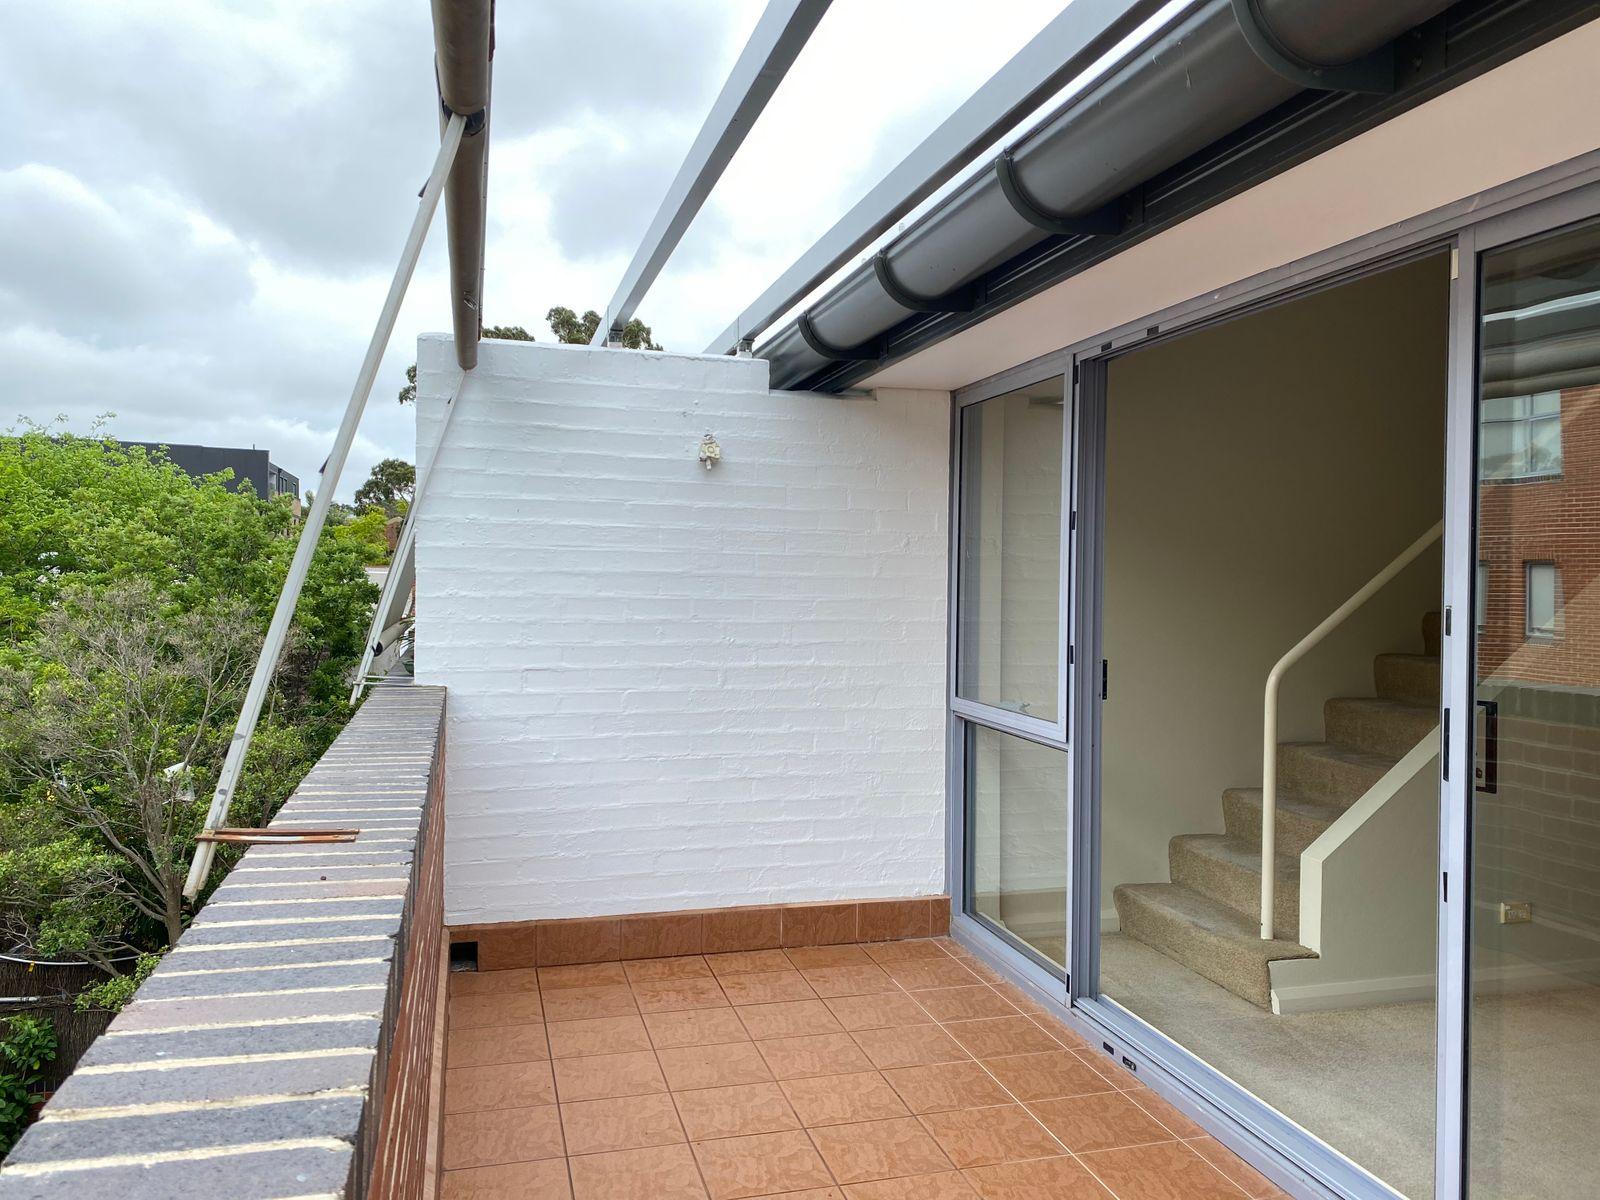 36/37 Iredale Street, Newtown, NSW 2042